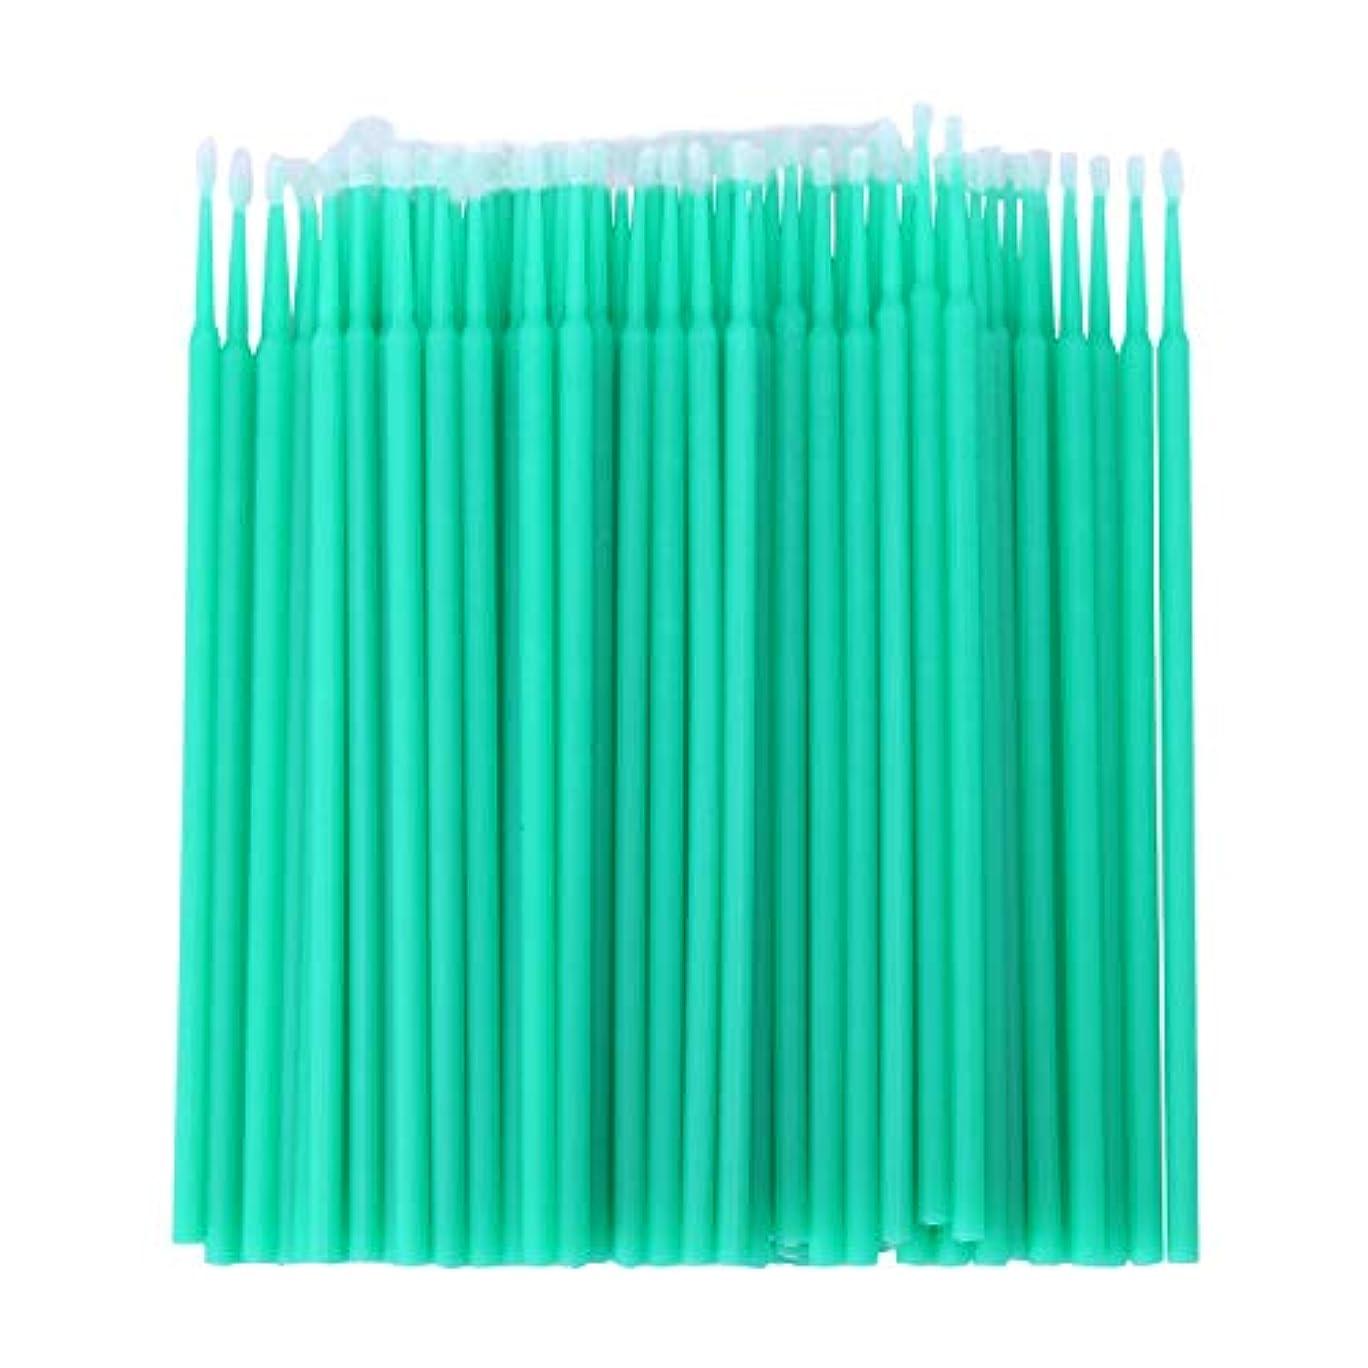 大学院毎月有益ACAMPTAR 100個 歯科用マイクロブラシ 使い捨て材料 歯用アプリケーター ミディアムファイン(ライトグリーン)